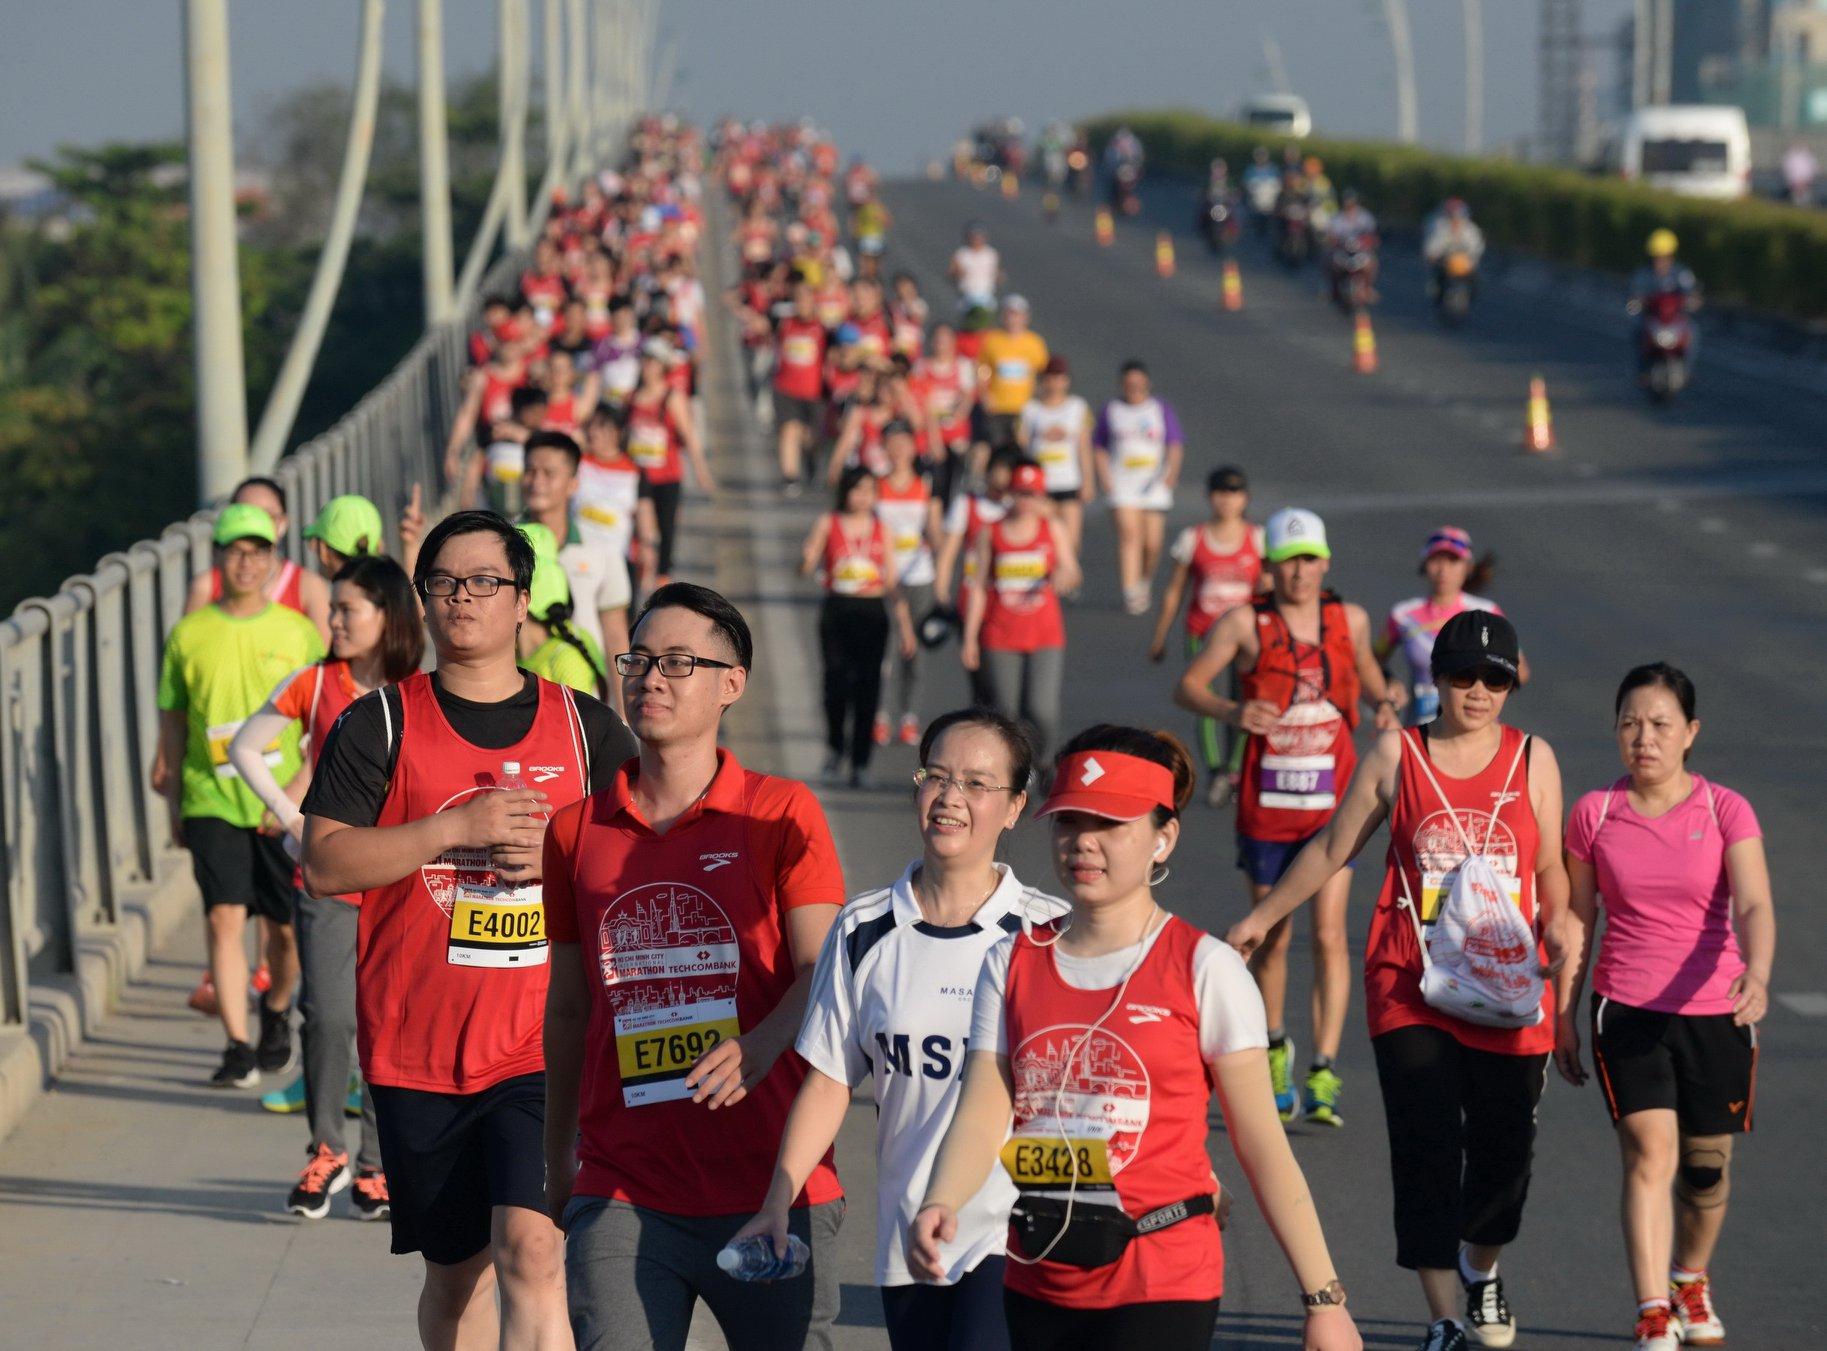 Các vđv đường chạy 10km vừa chạy, đi bộ qua cầu Thủ Thiêm , Q2